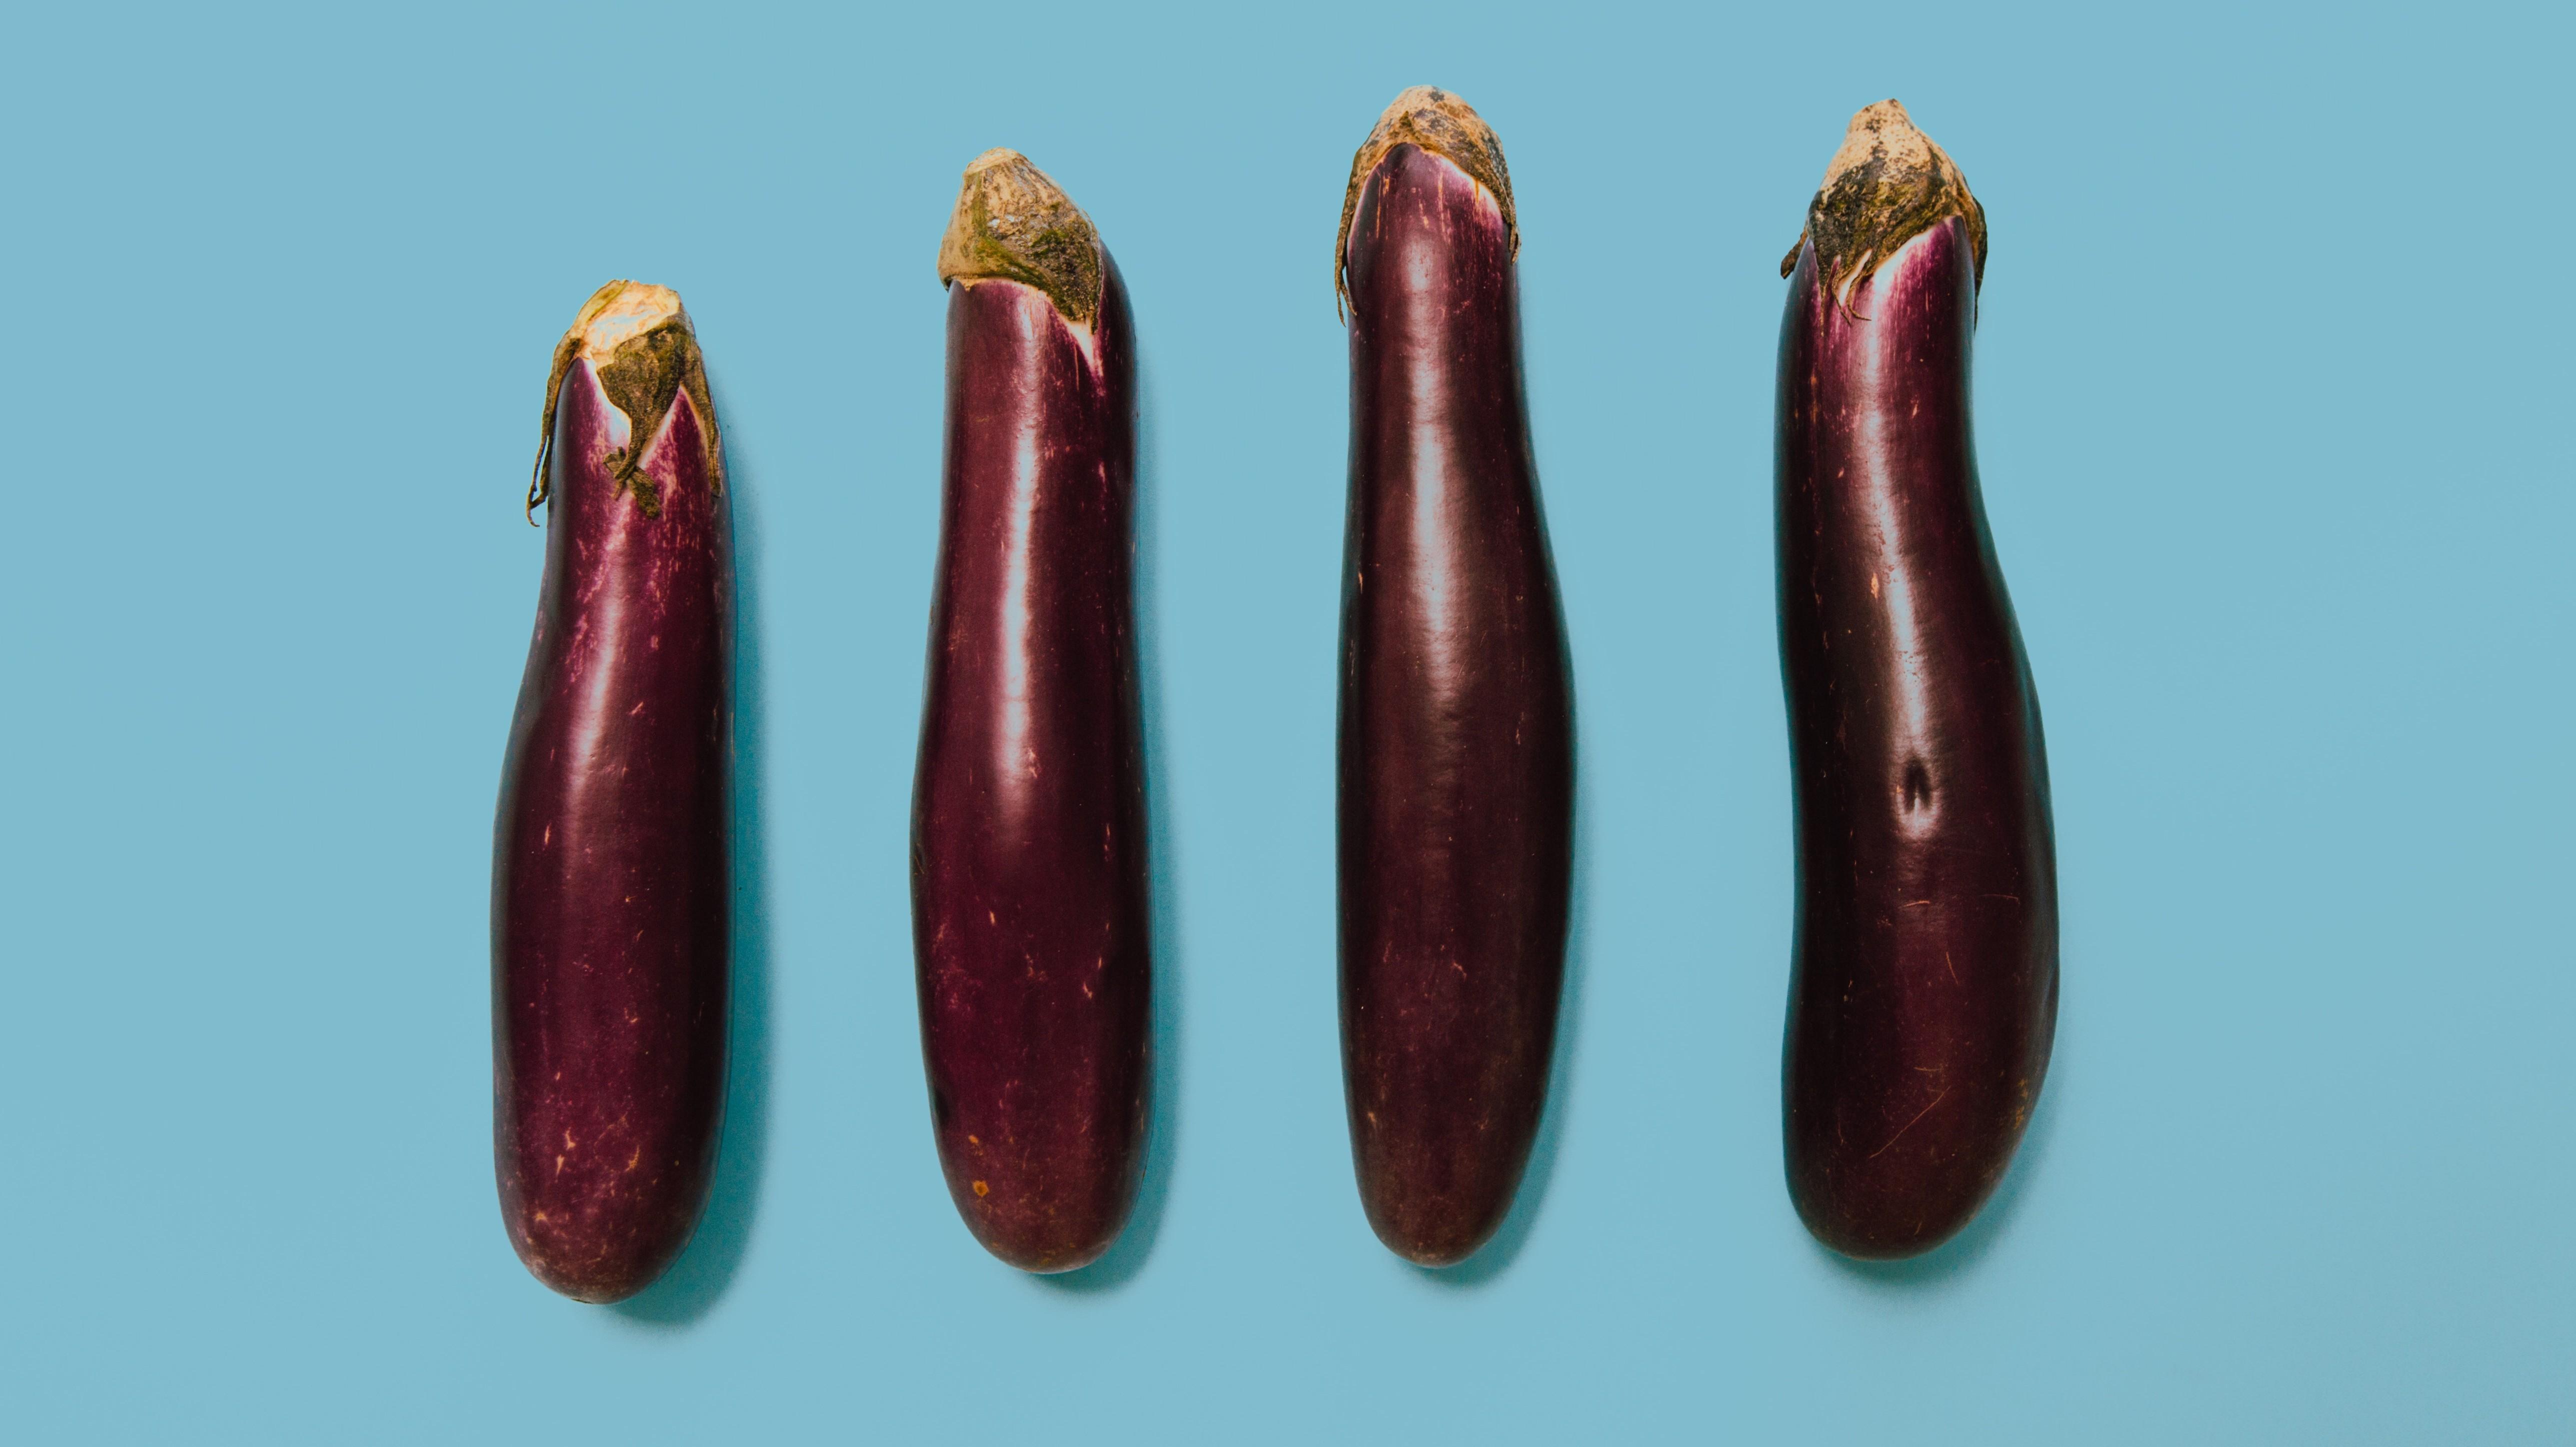 Vid a penisului Caracteristici-enlarger technicheskie